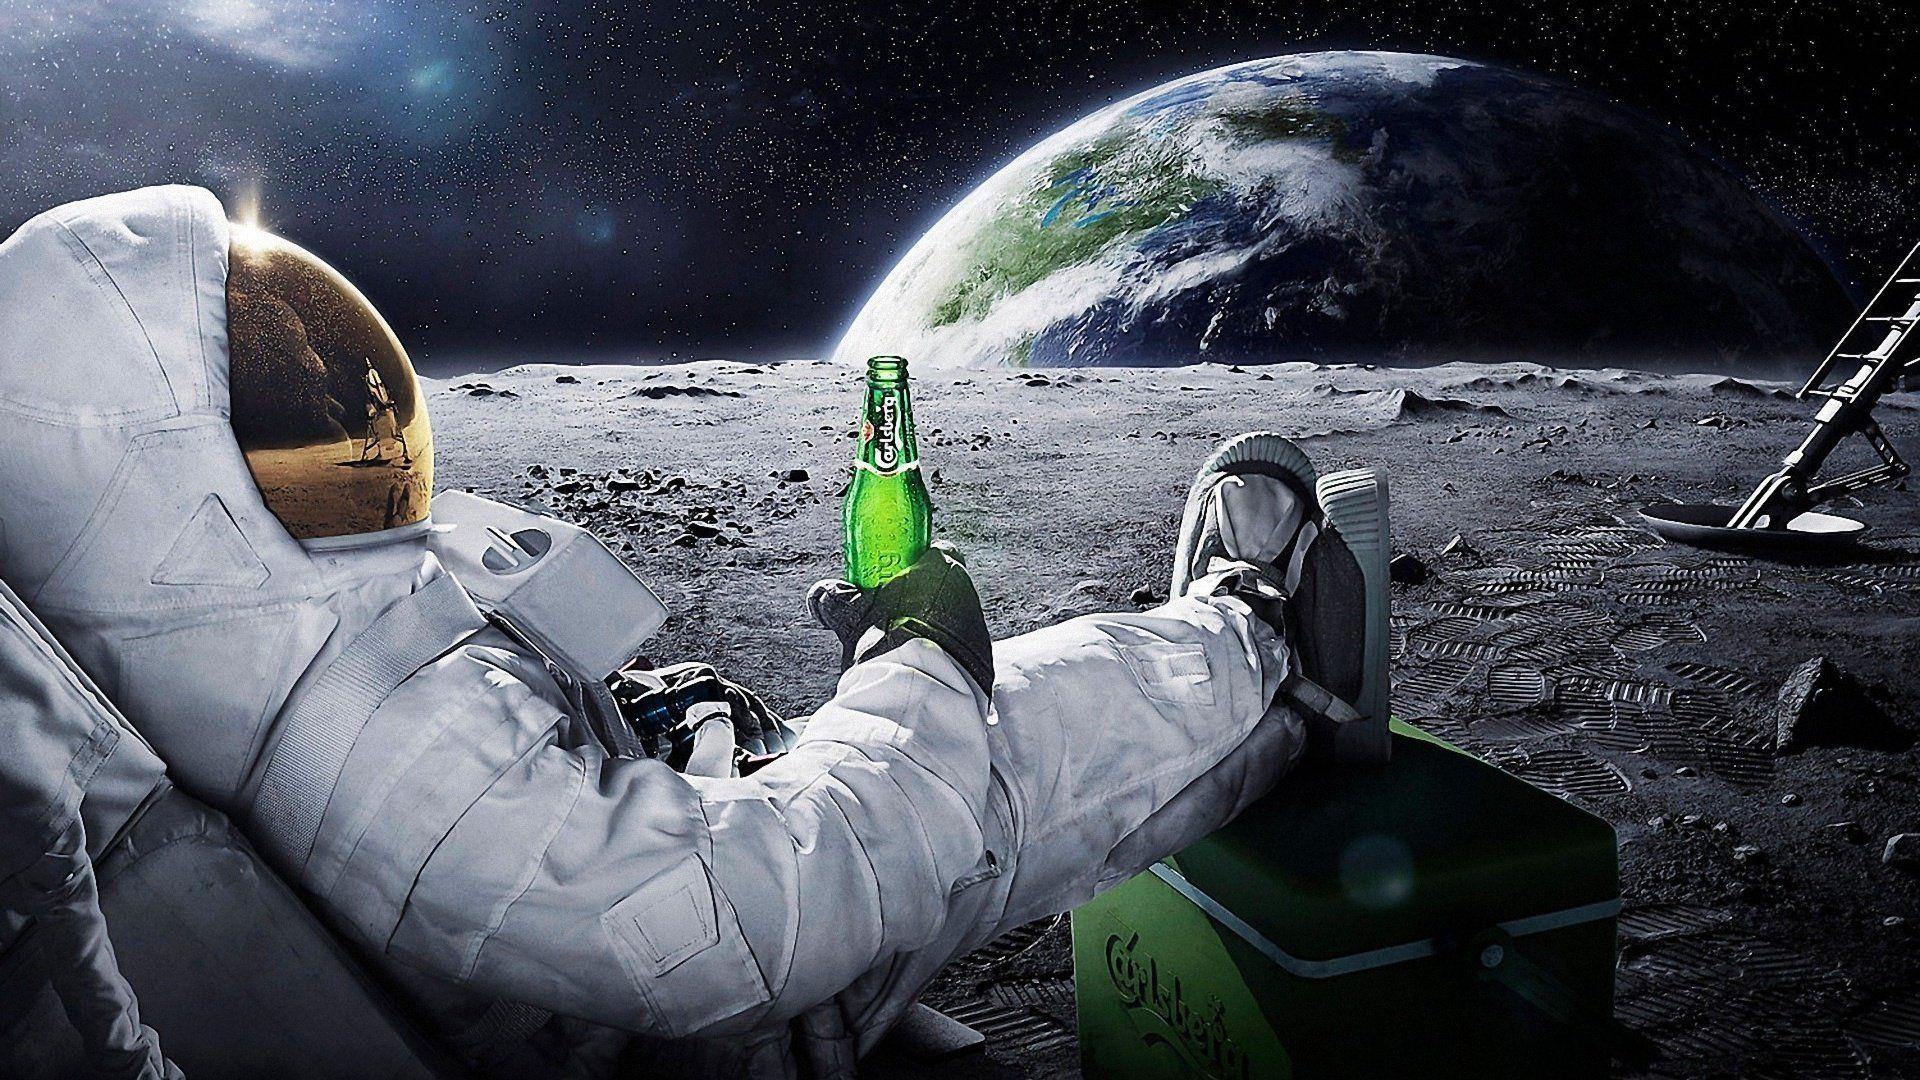 Wallpapers Ultra Hd 4k Llevate Alguno Fondos De Escritorio Fondos De Escritorio 4k Imagenes De Astronautas